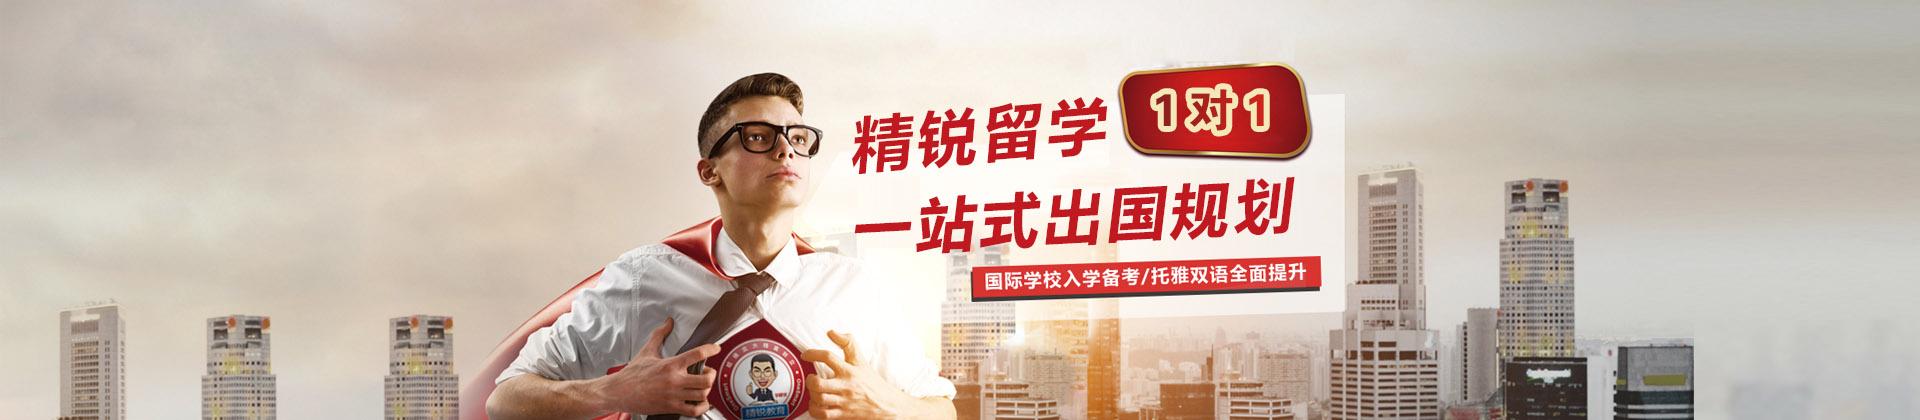 上海精銳留學